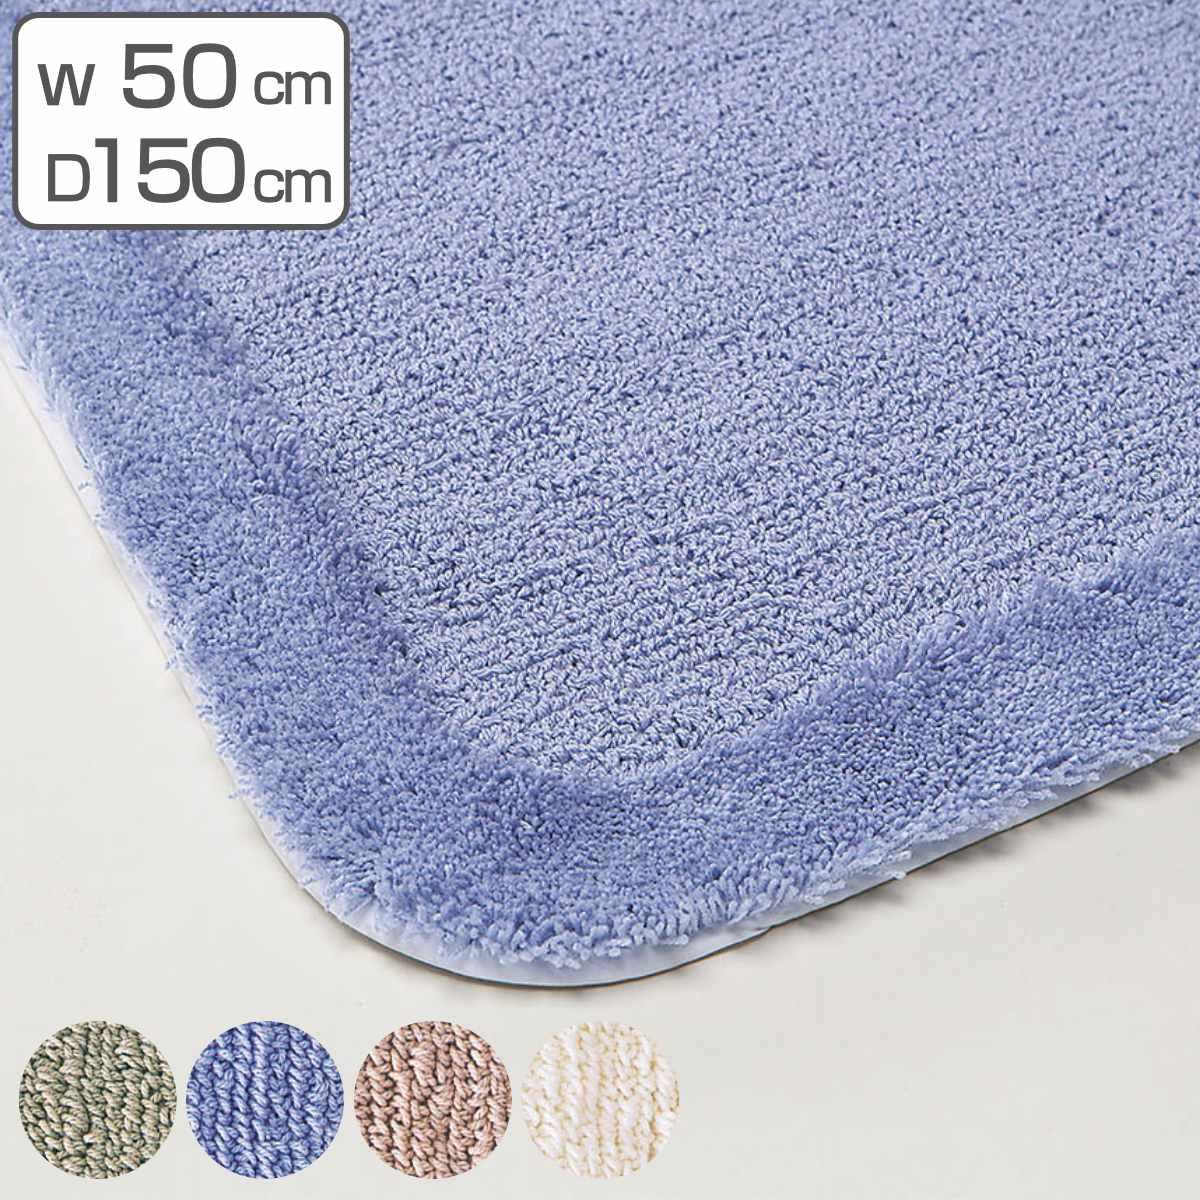 バスマット業務用 吸水ループパイル ノンスリップ抗菌仕様 50×150  ( 足拭き 風呂マット 送料無料 )